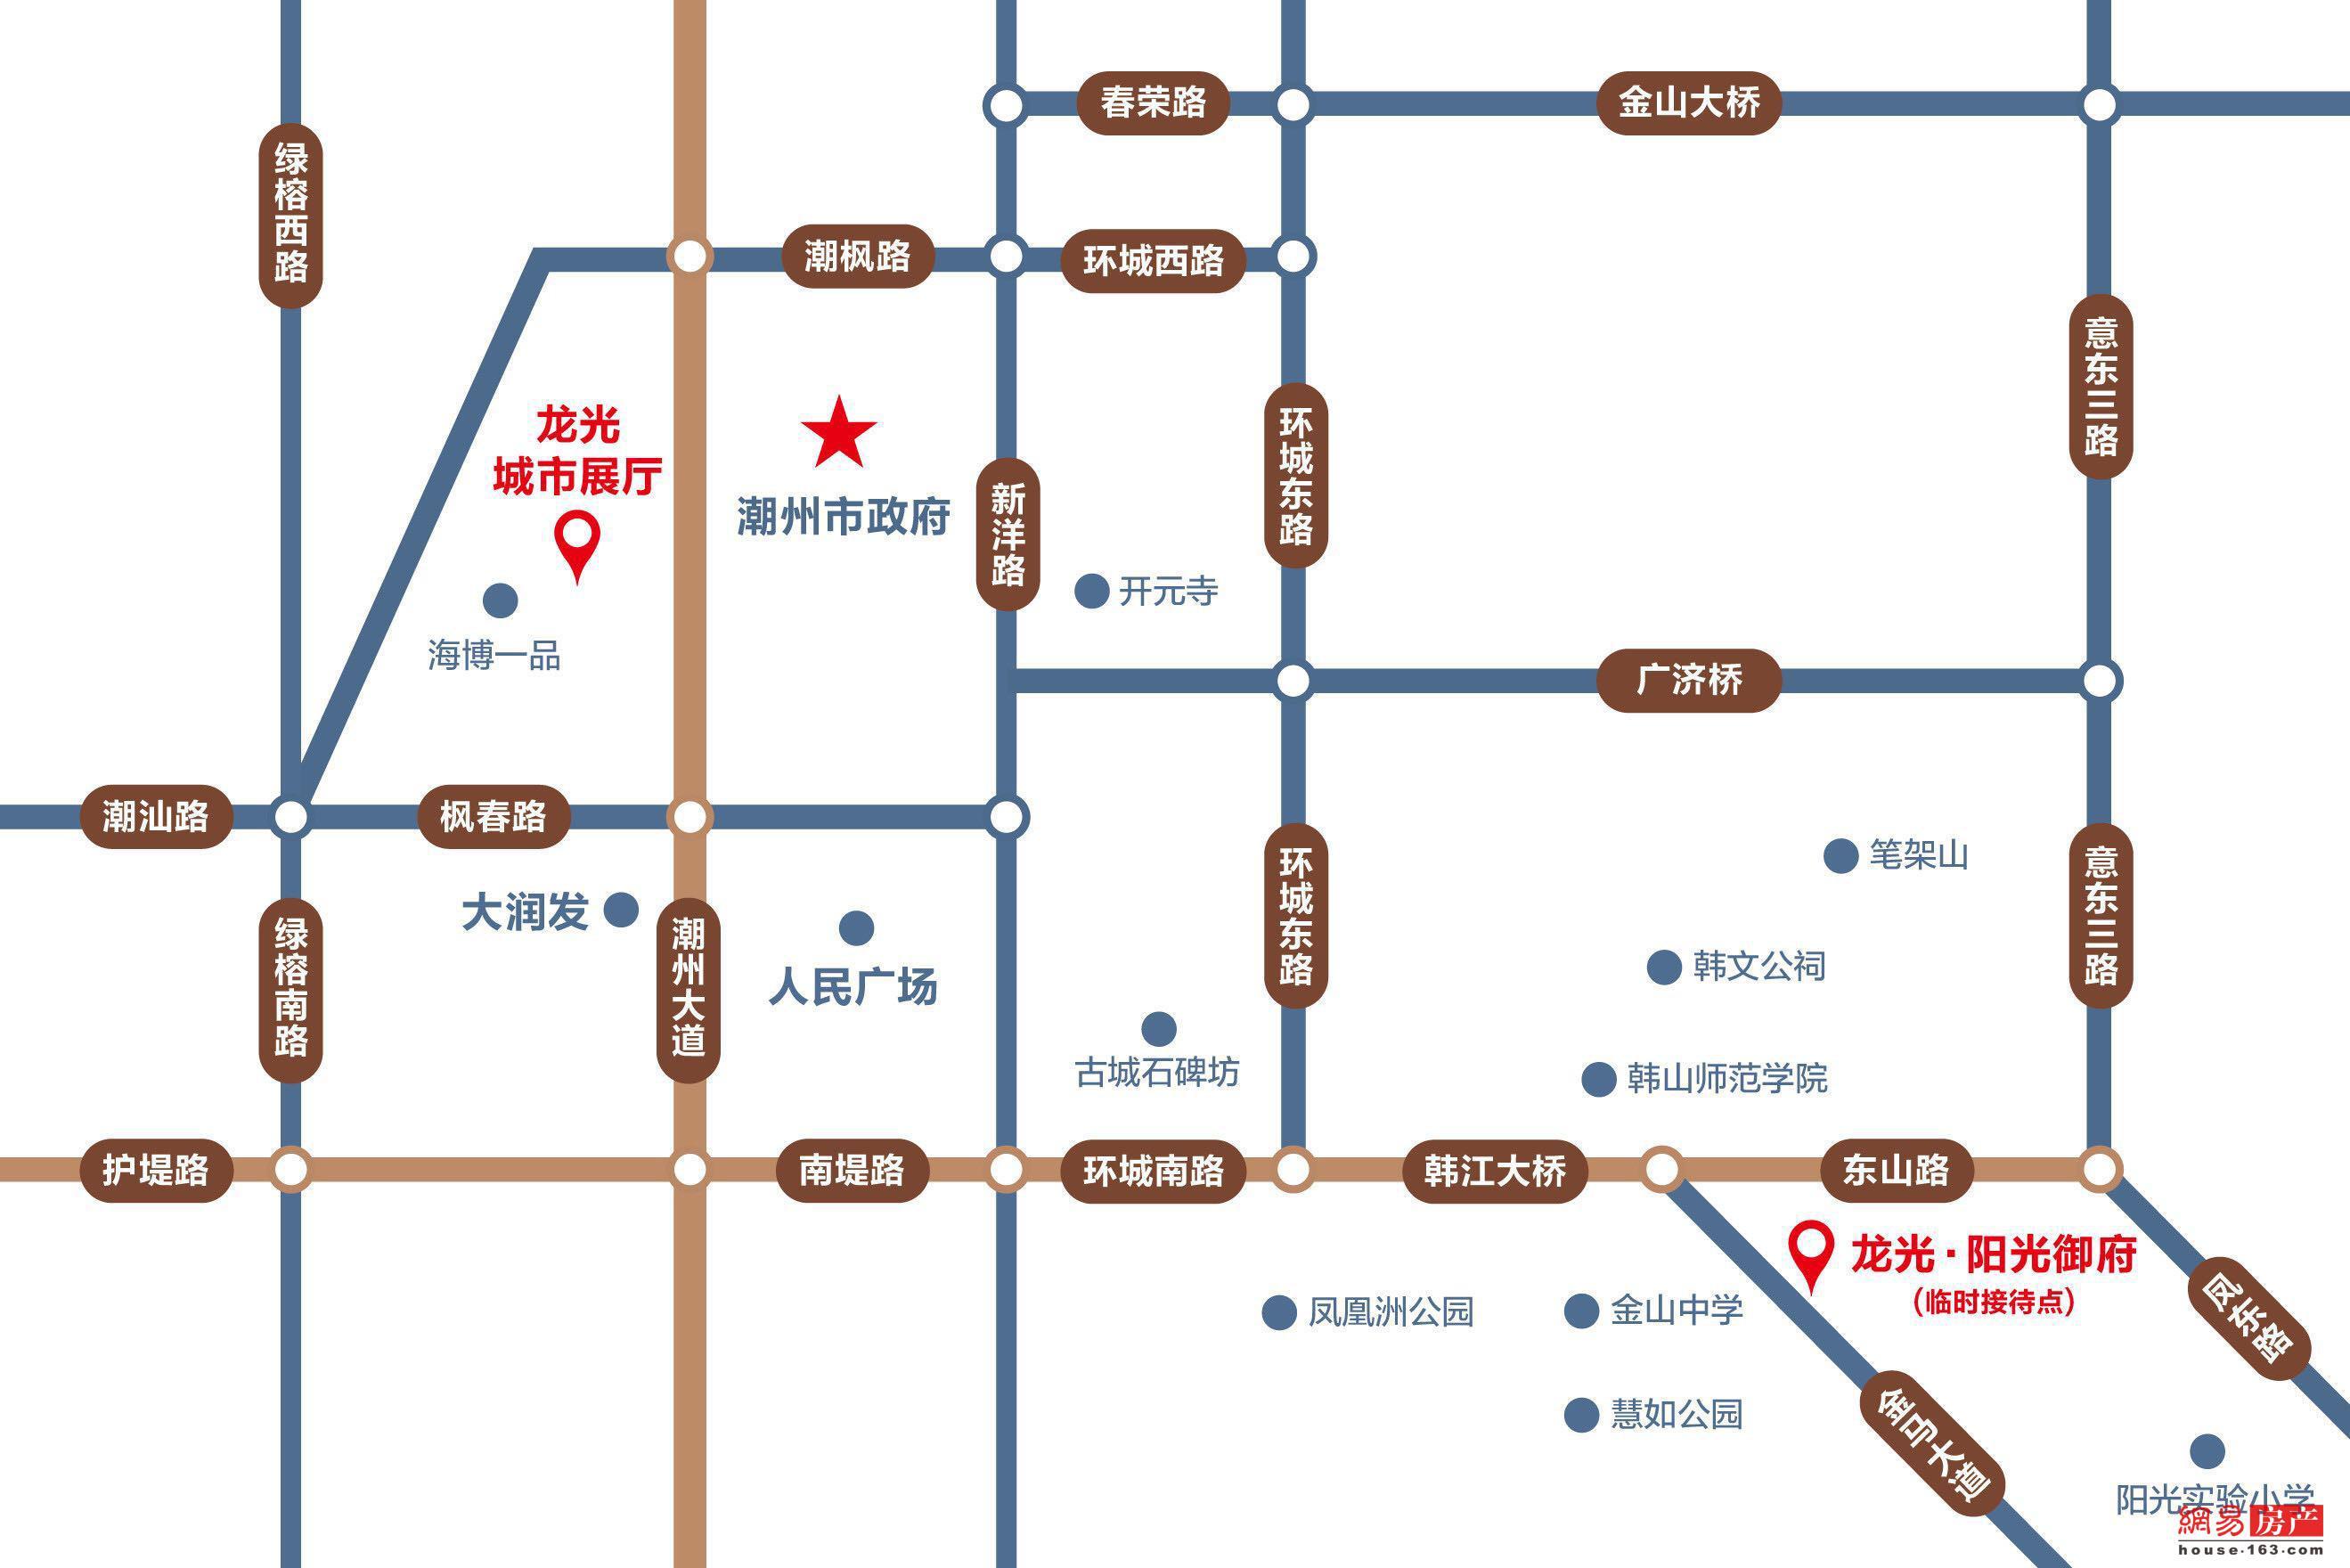 潮州龙光·阳光御府交通图图片